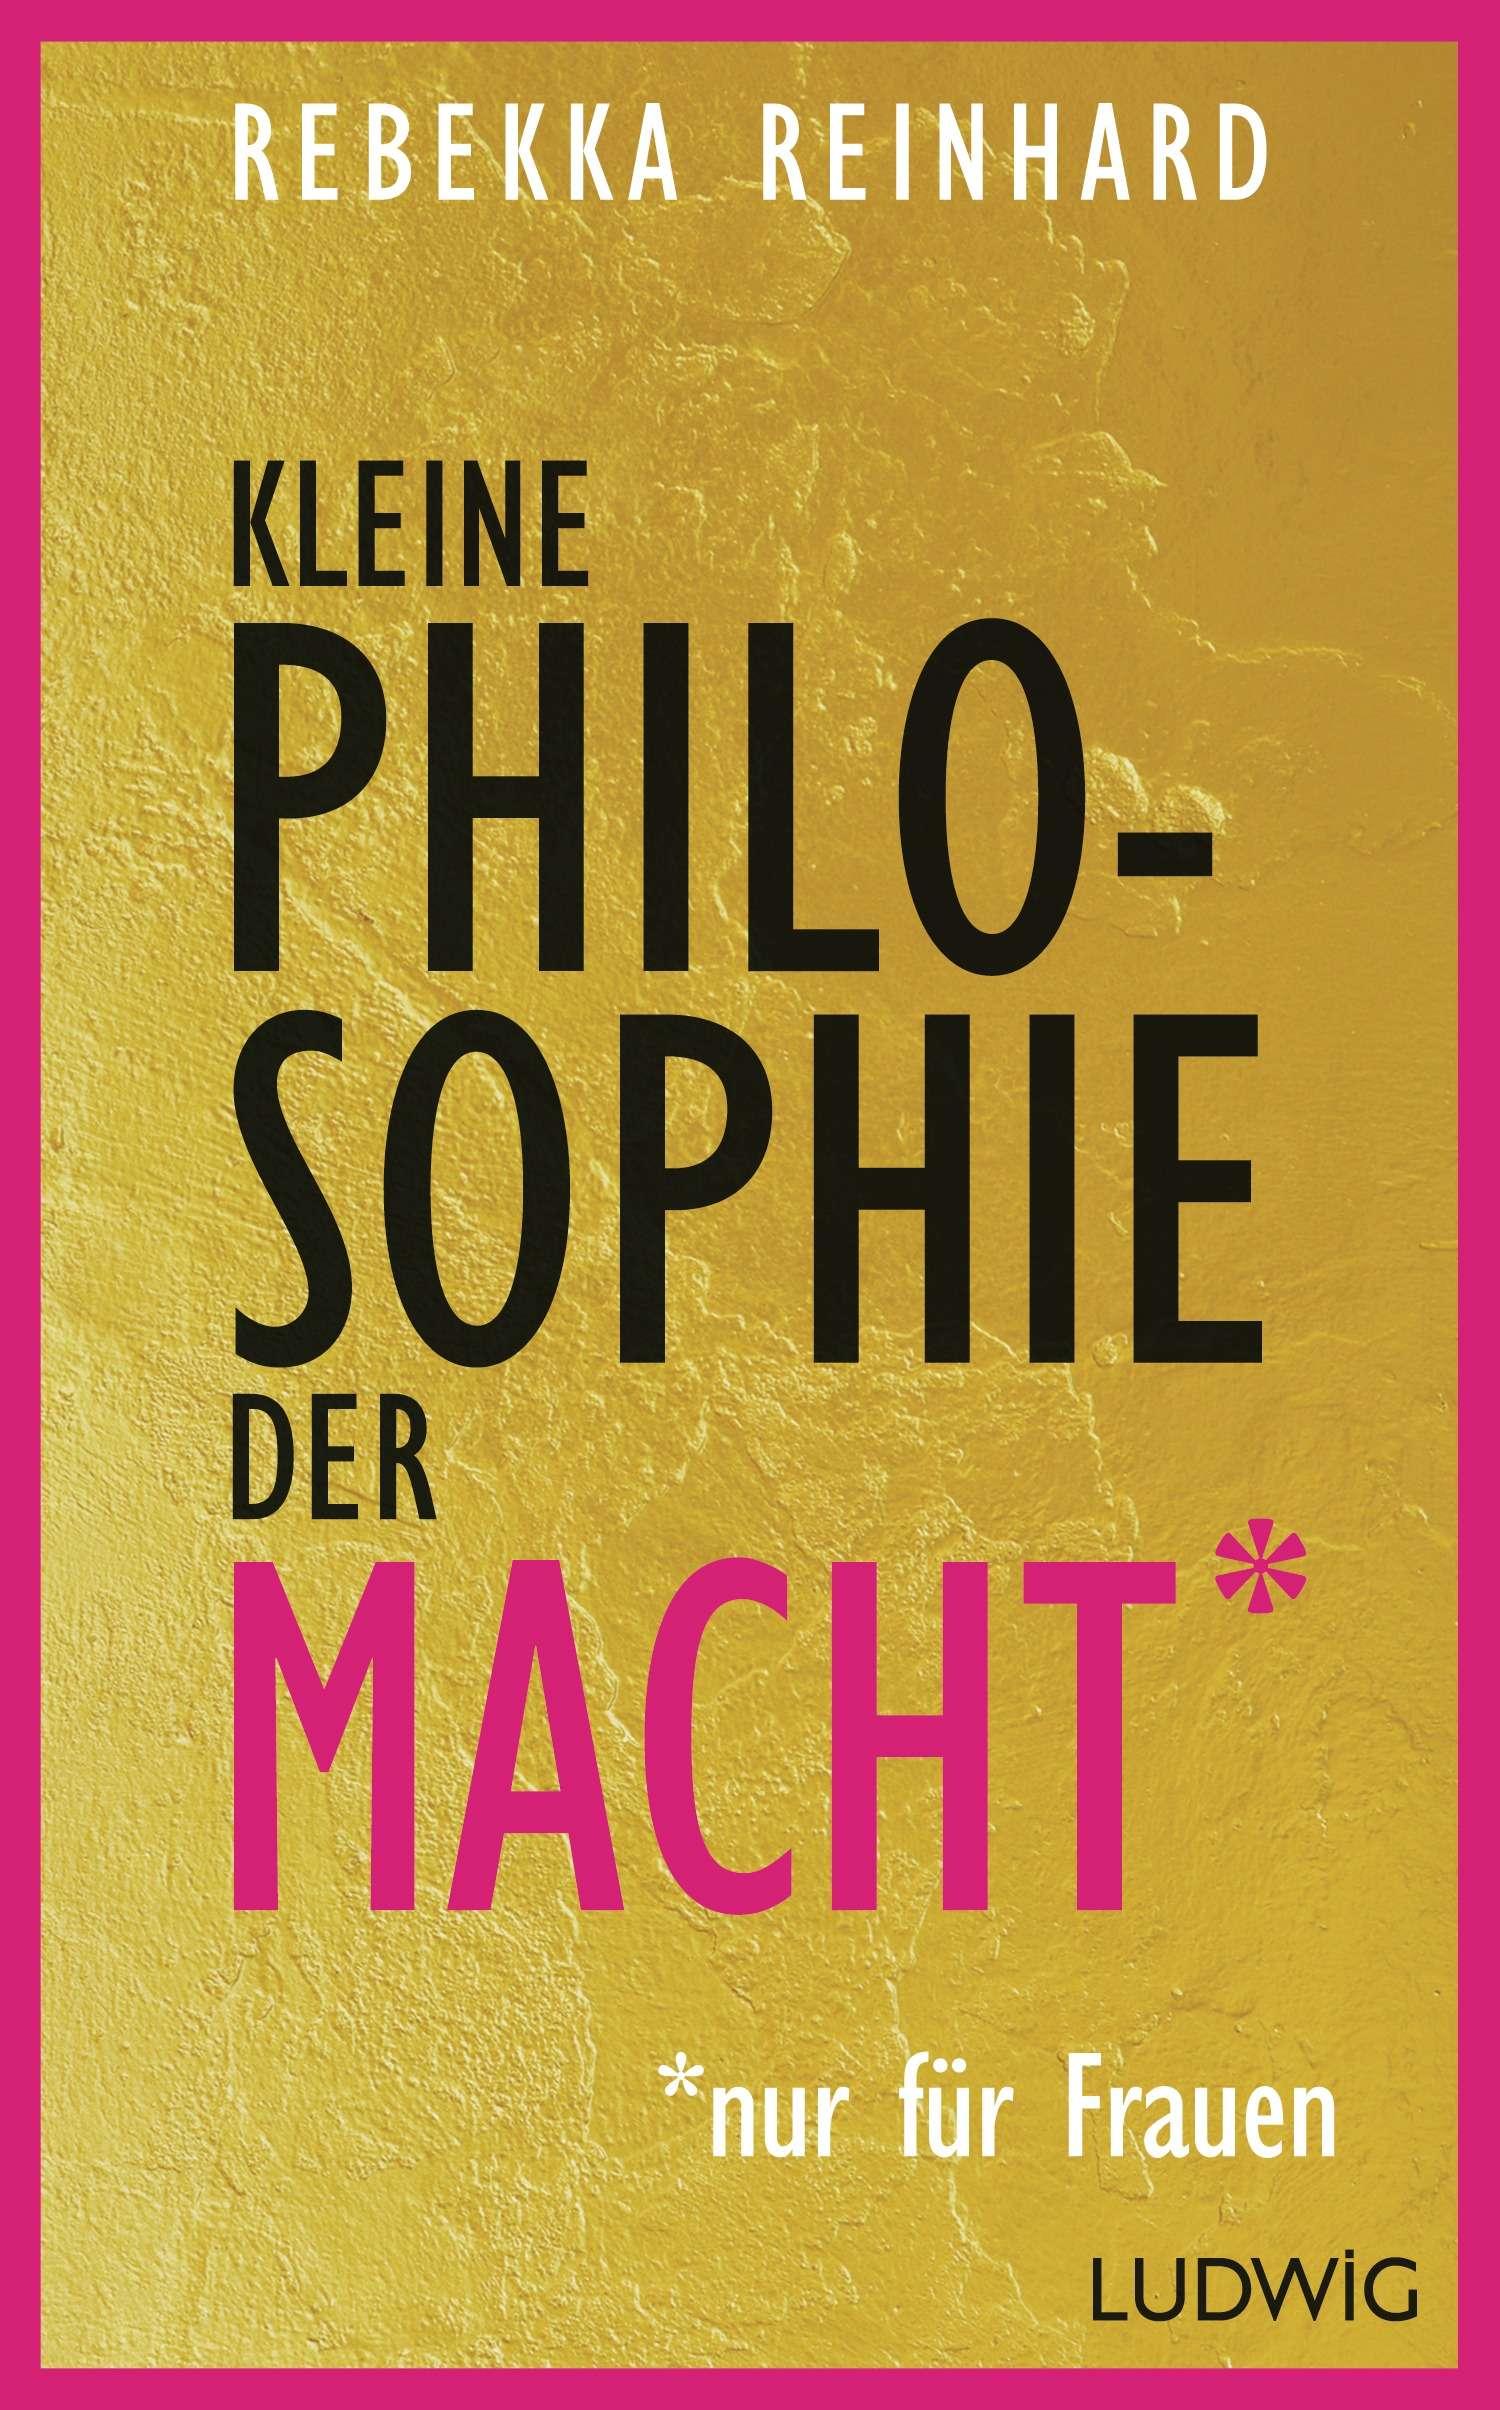 """""""Kleine Philosophie der Macht nur fuer Frauen"""" von Rebekka Reinhard © Ludwig"""